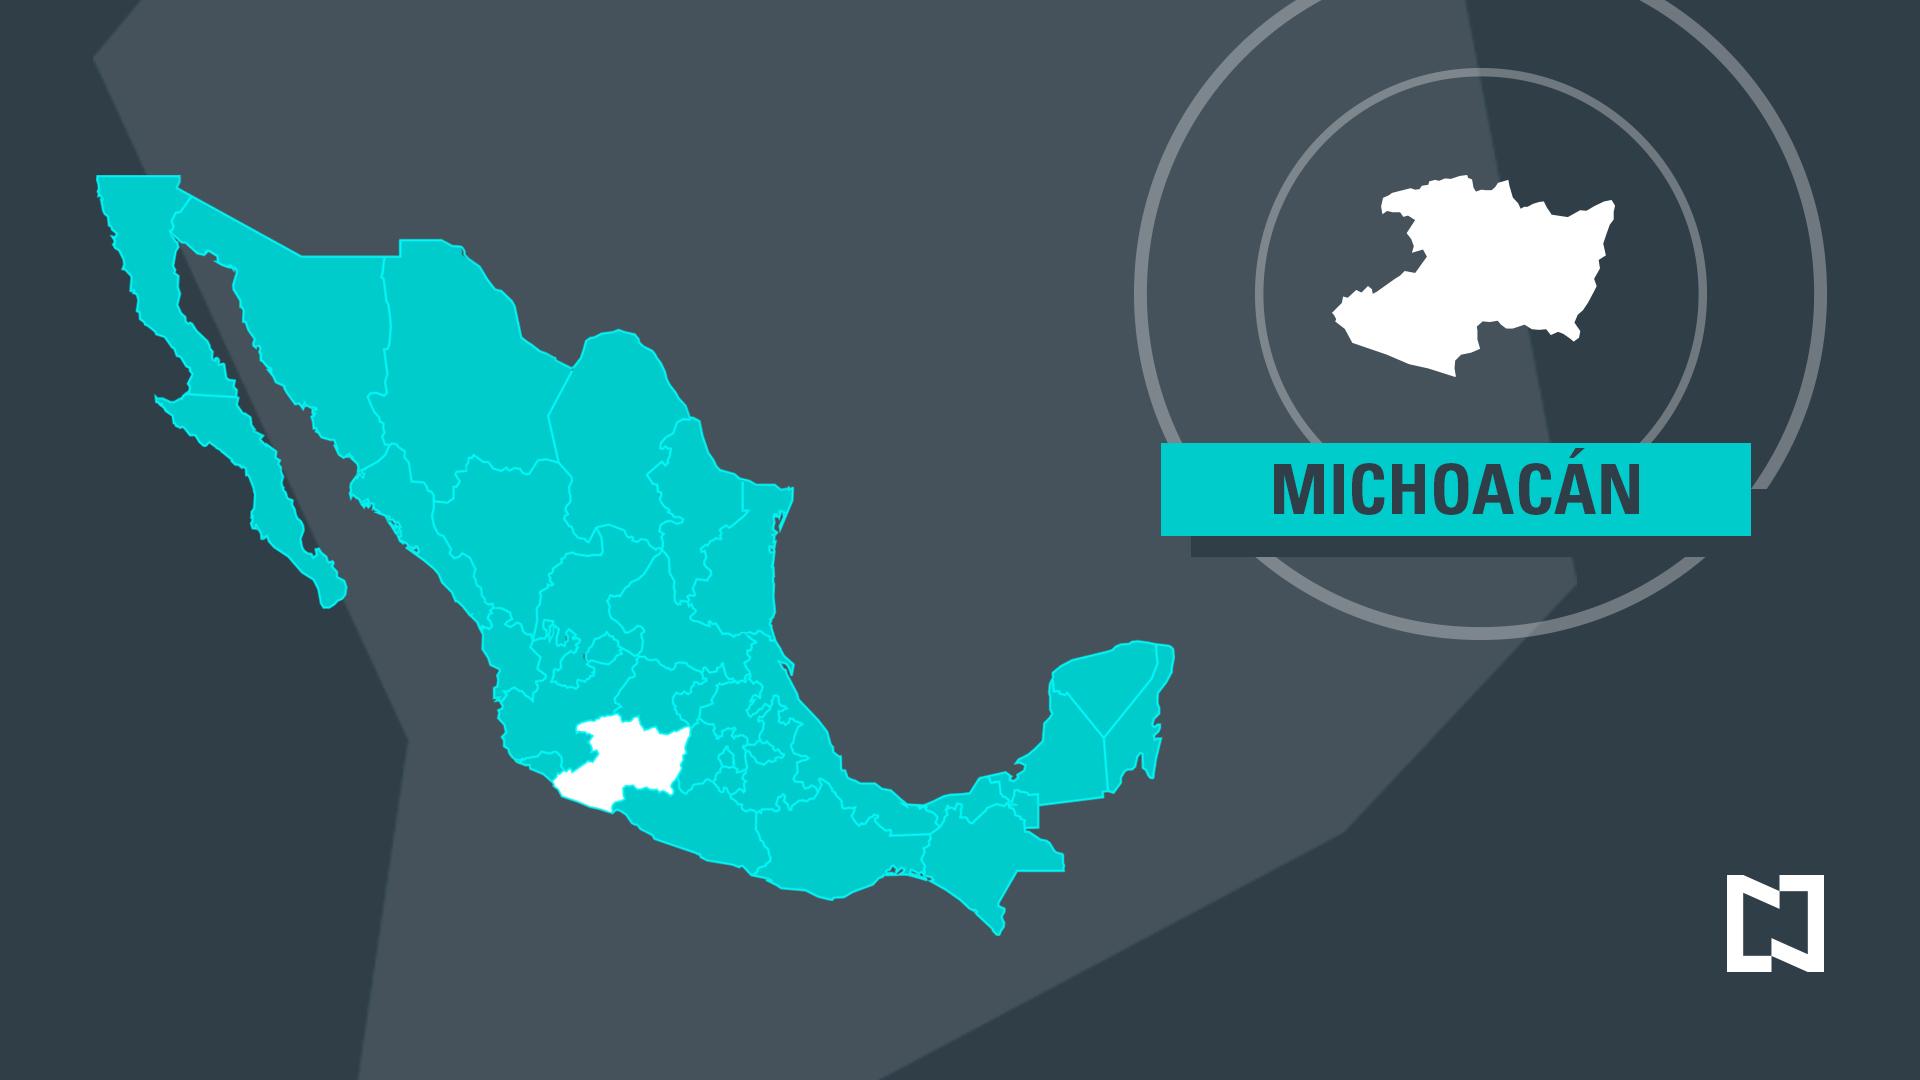 Condenan a 5 hombres por delincuencia organizada en Michoacn